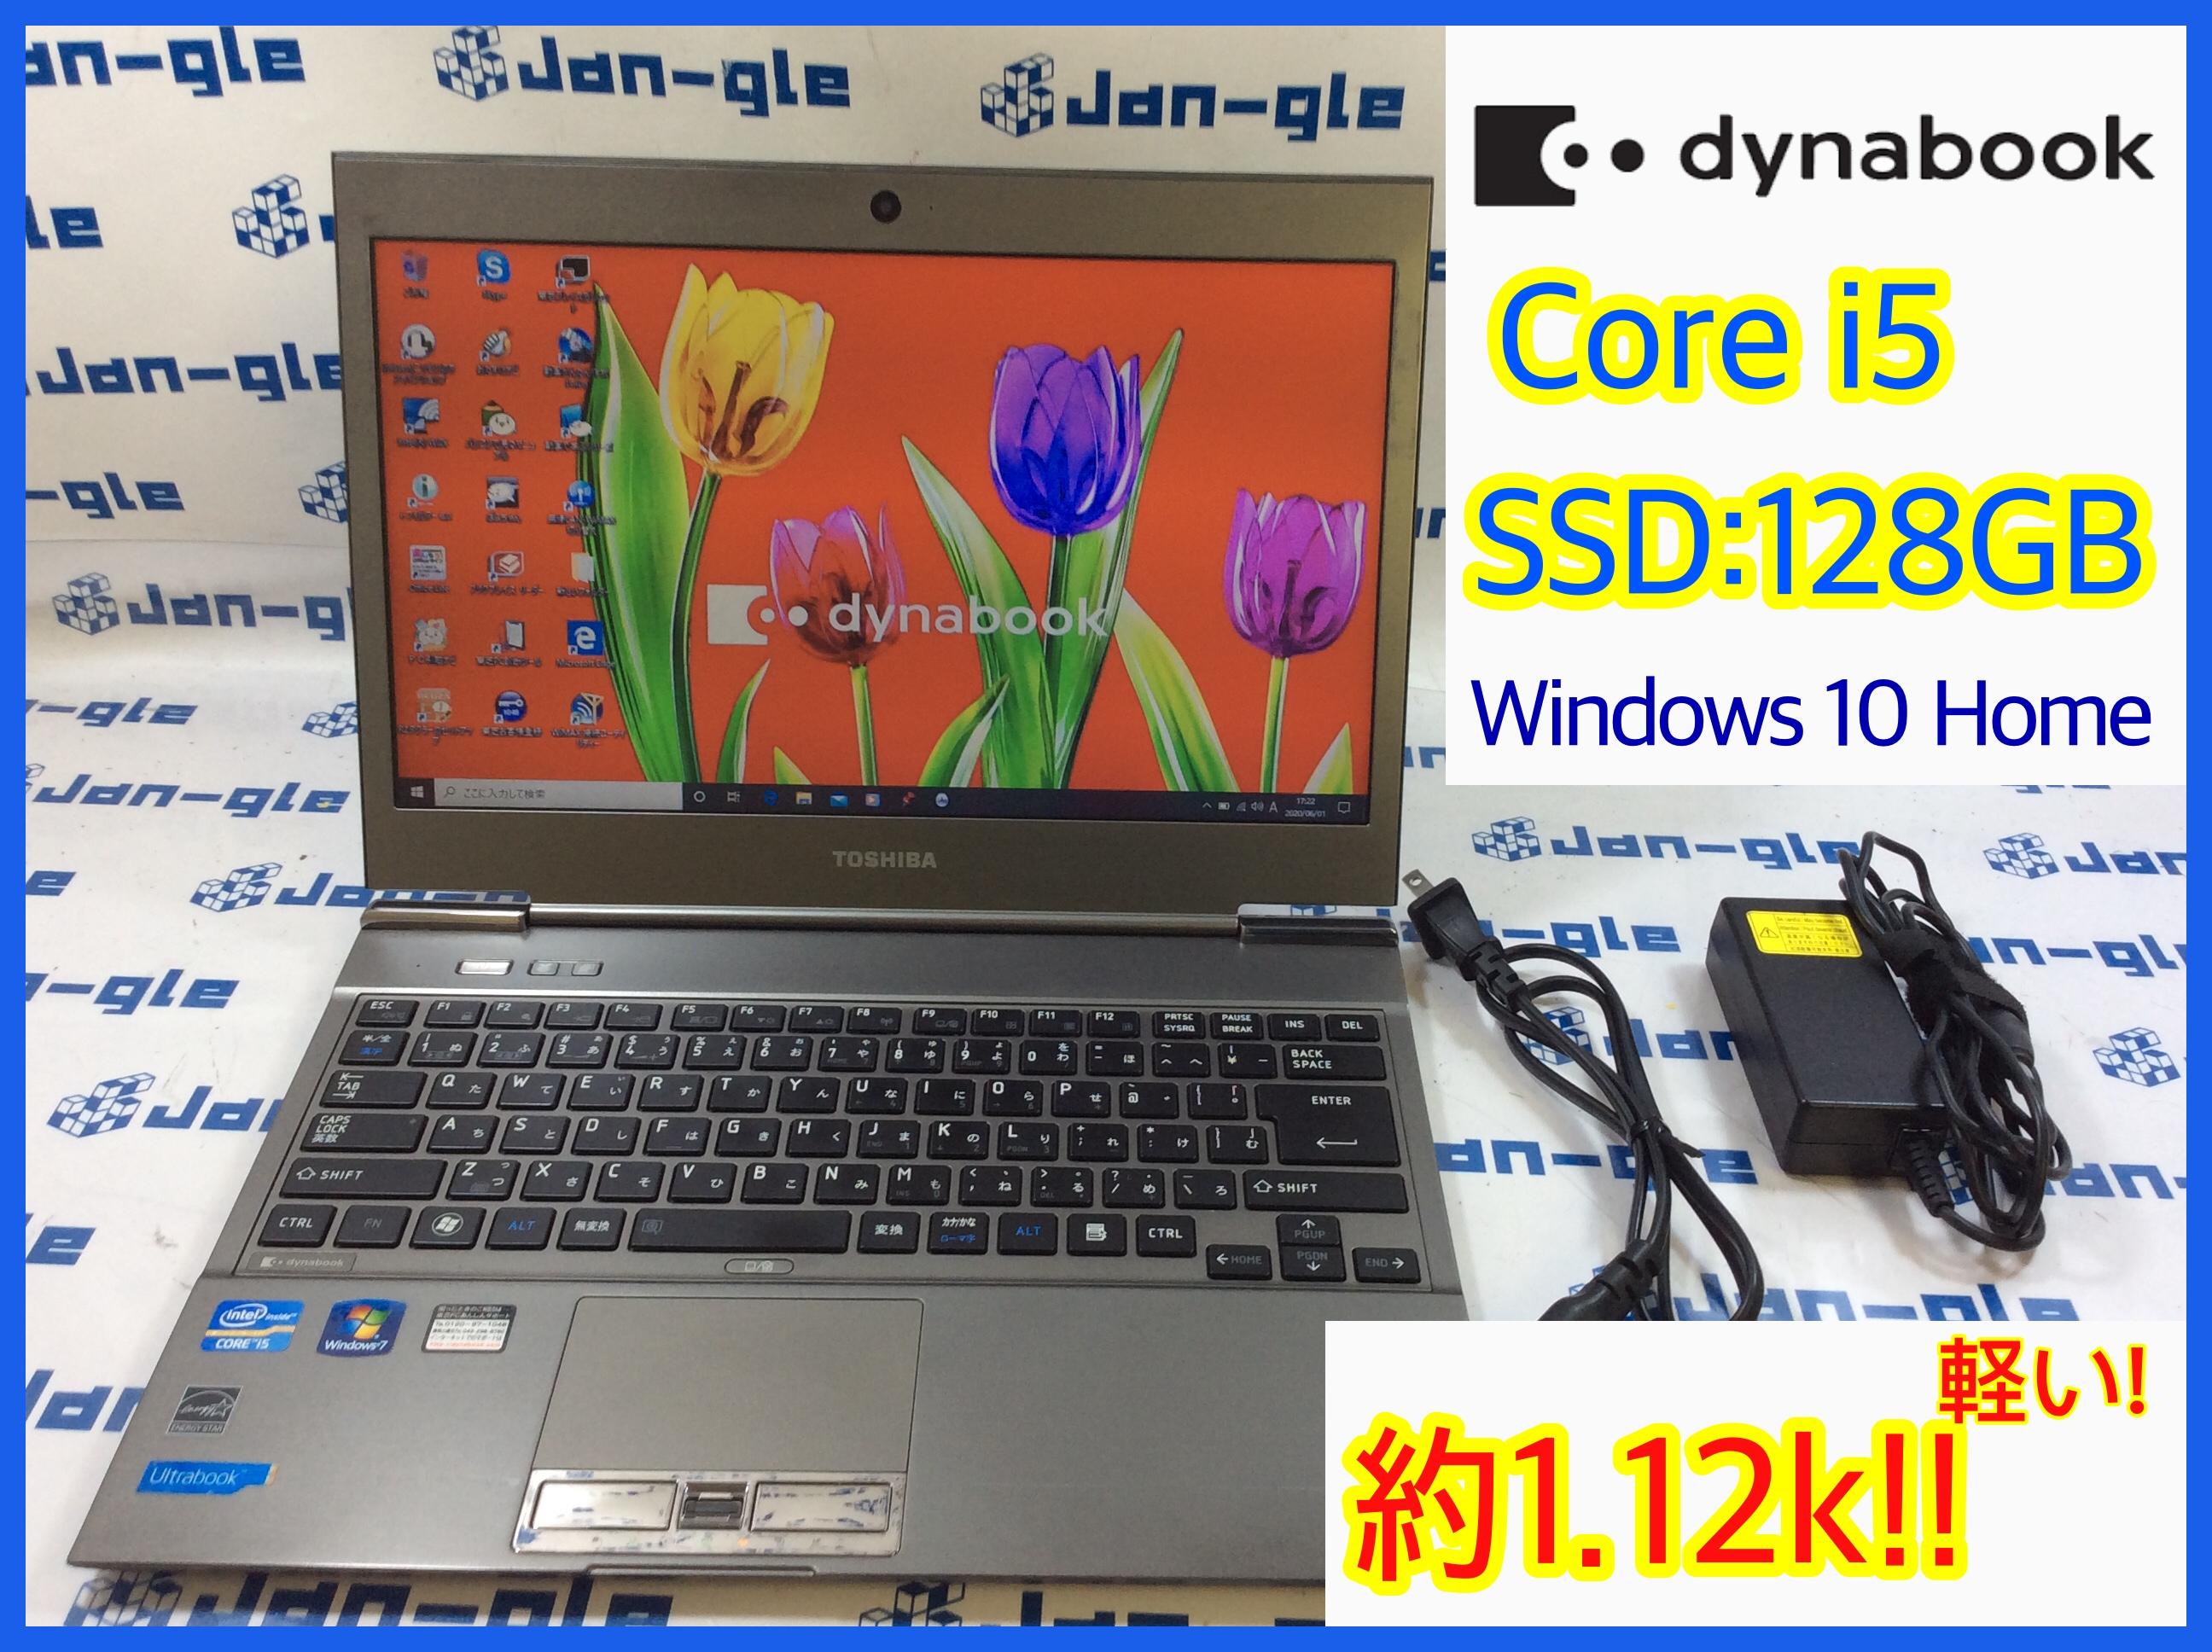 【KS】【中古】【office付】Windows10 Home アップグレード済み!! SSD128GB PR63128EMFS この機会にいかがでしょうか J358724 B☆